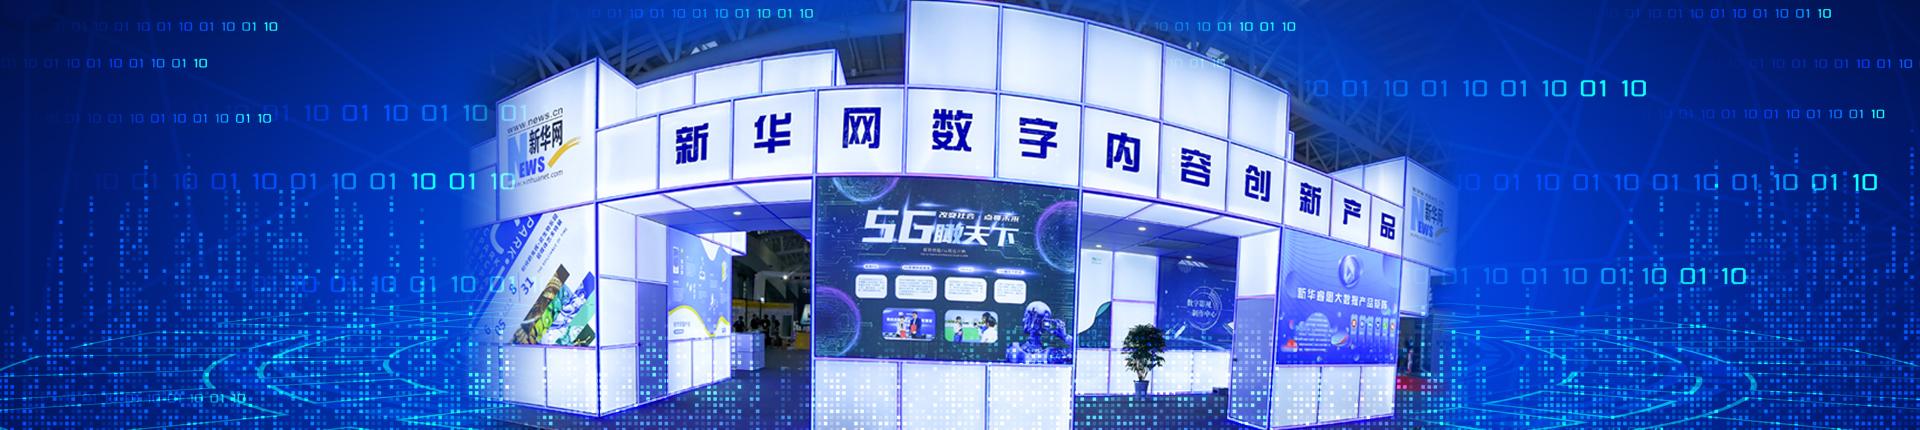 新華網係列數字化創新成果亮相第二屆數字中國建設成果展覽會